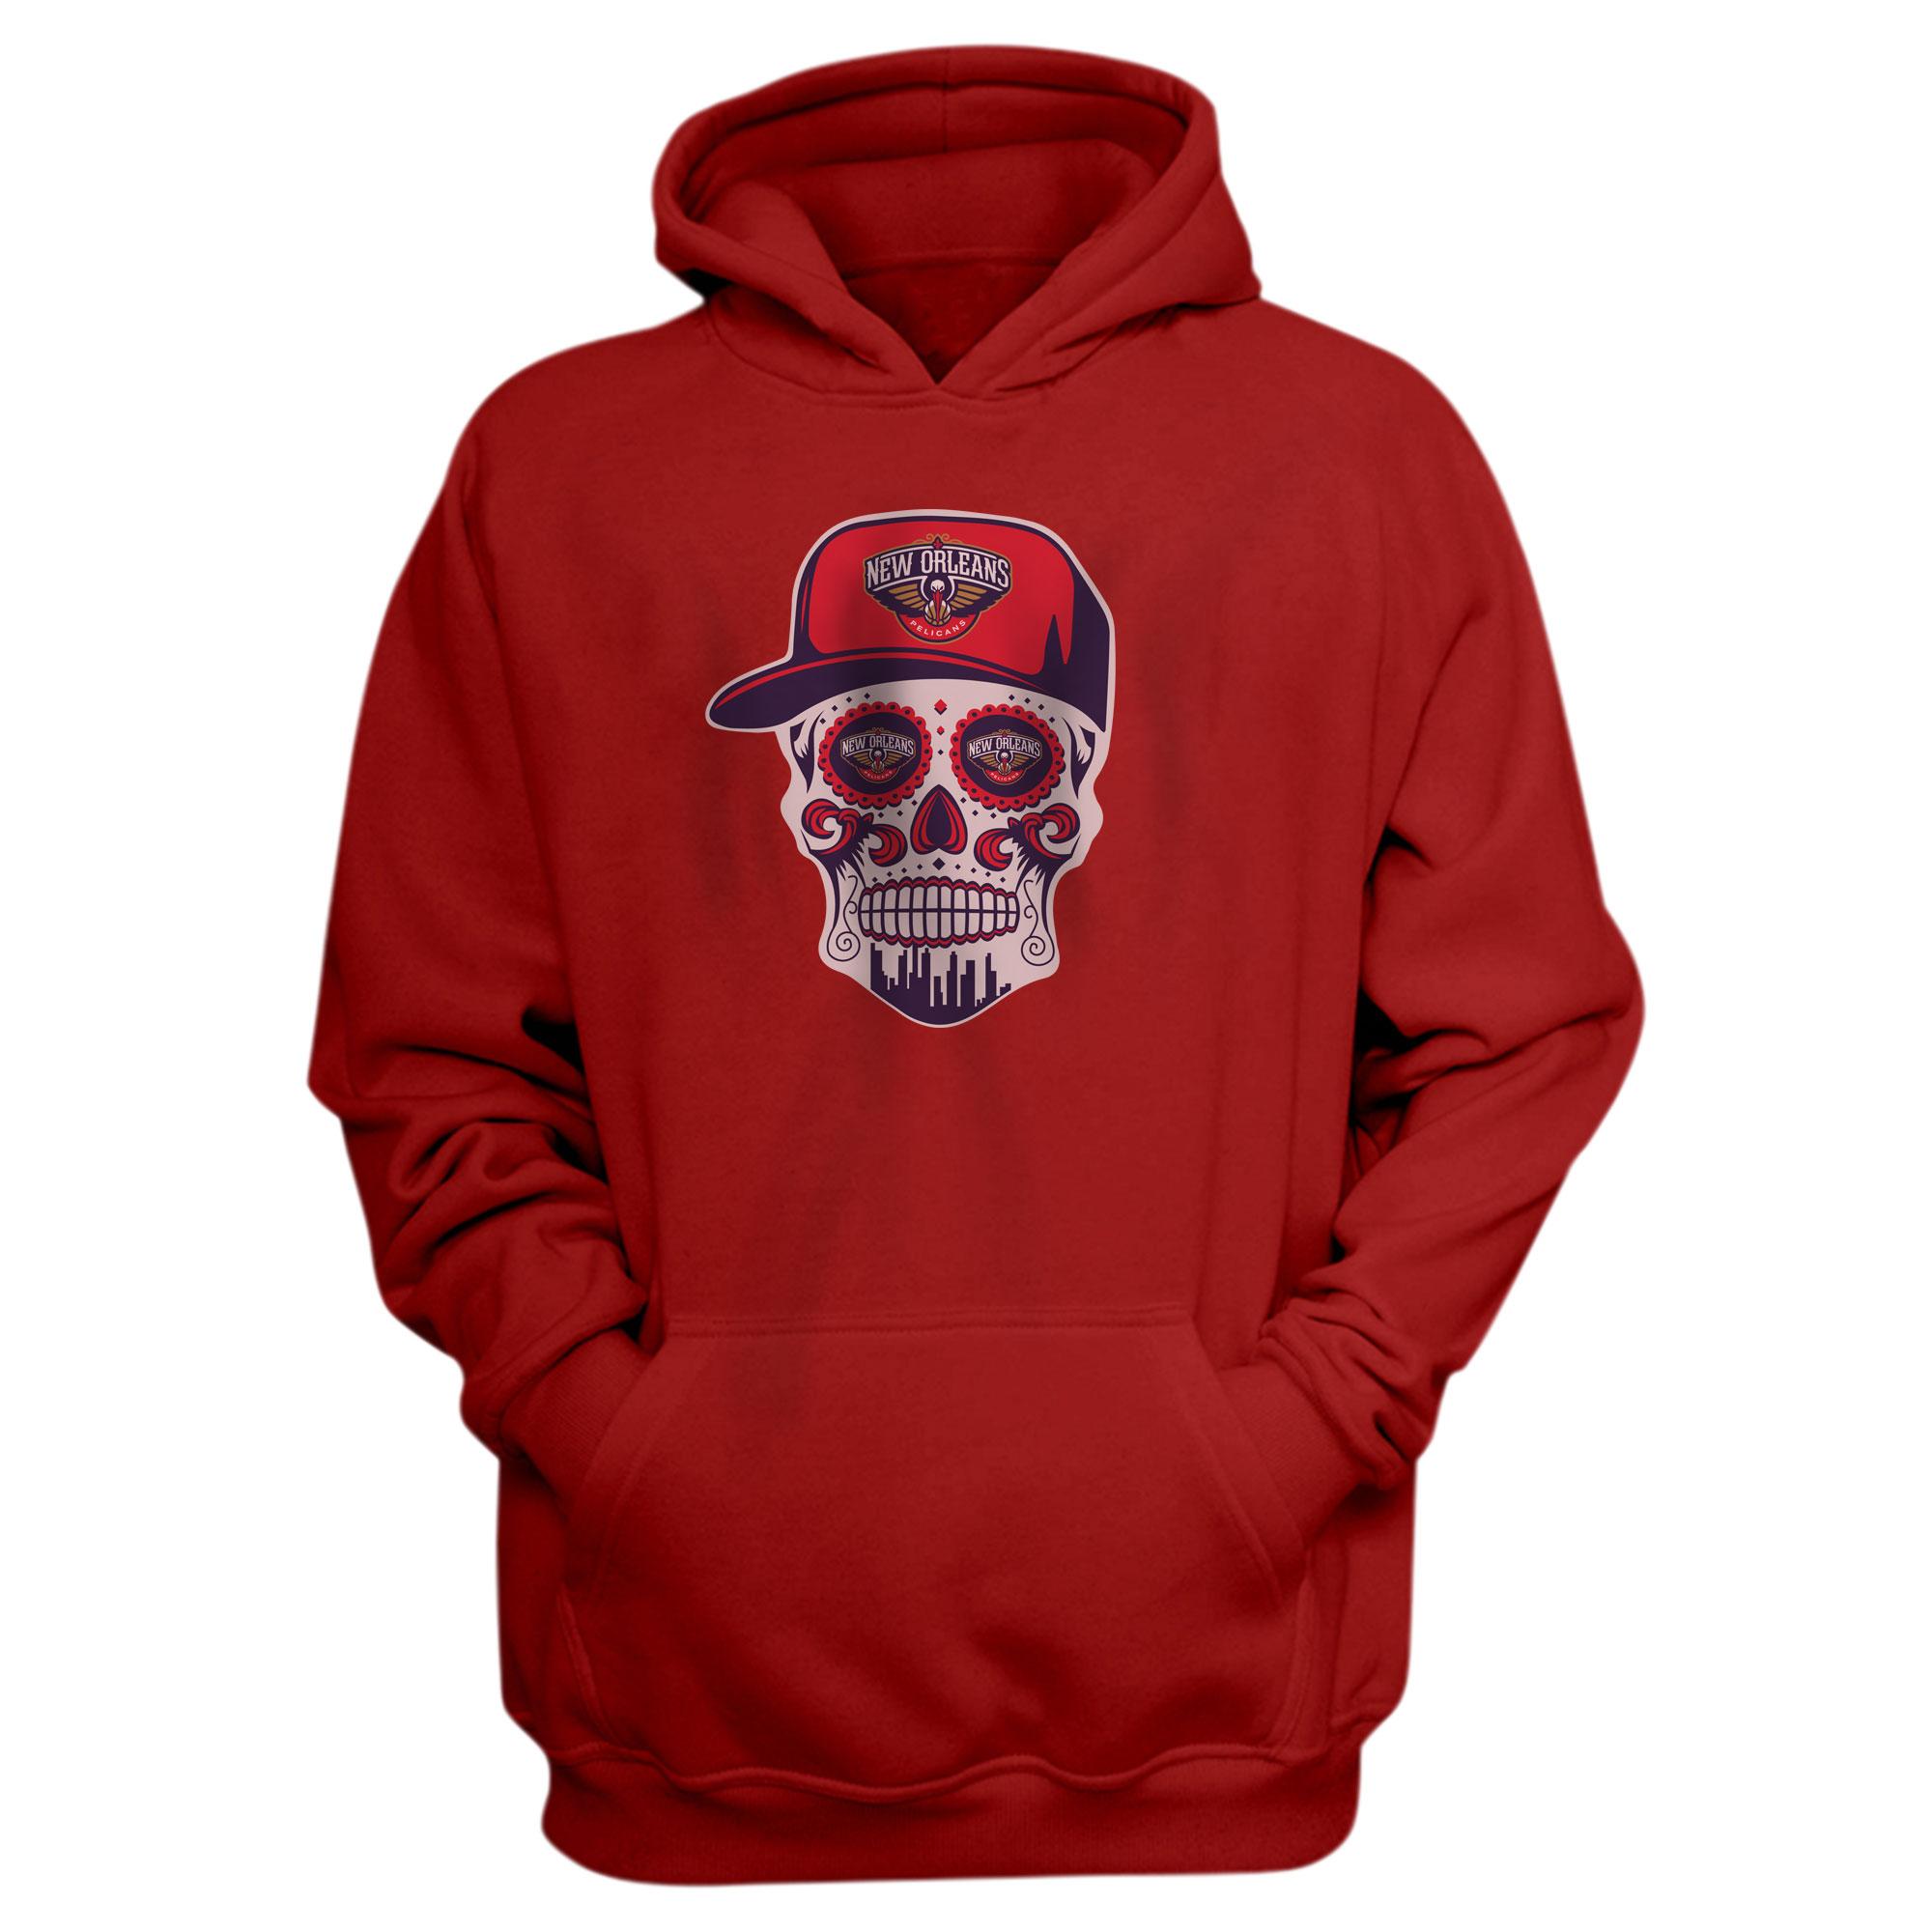 Pelicans Skull Hoodie (HD-RED-NP-460-NBA-NOLA-SKULL)